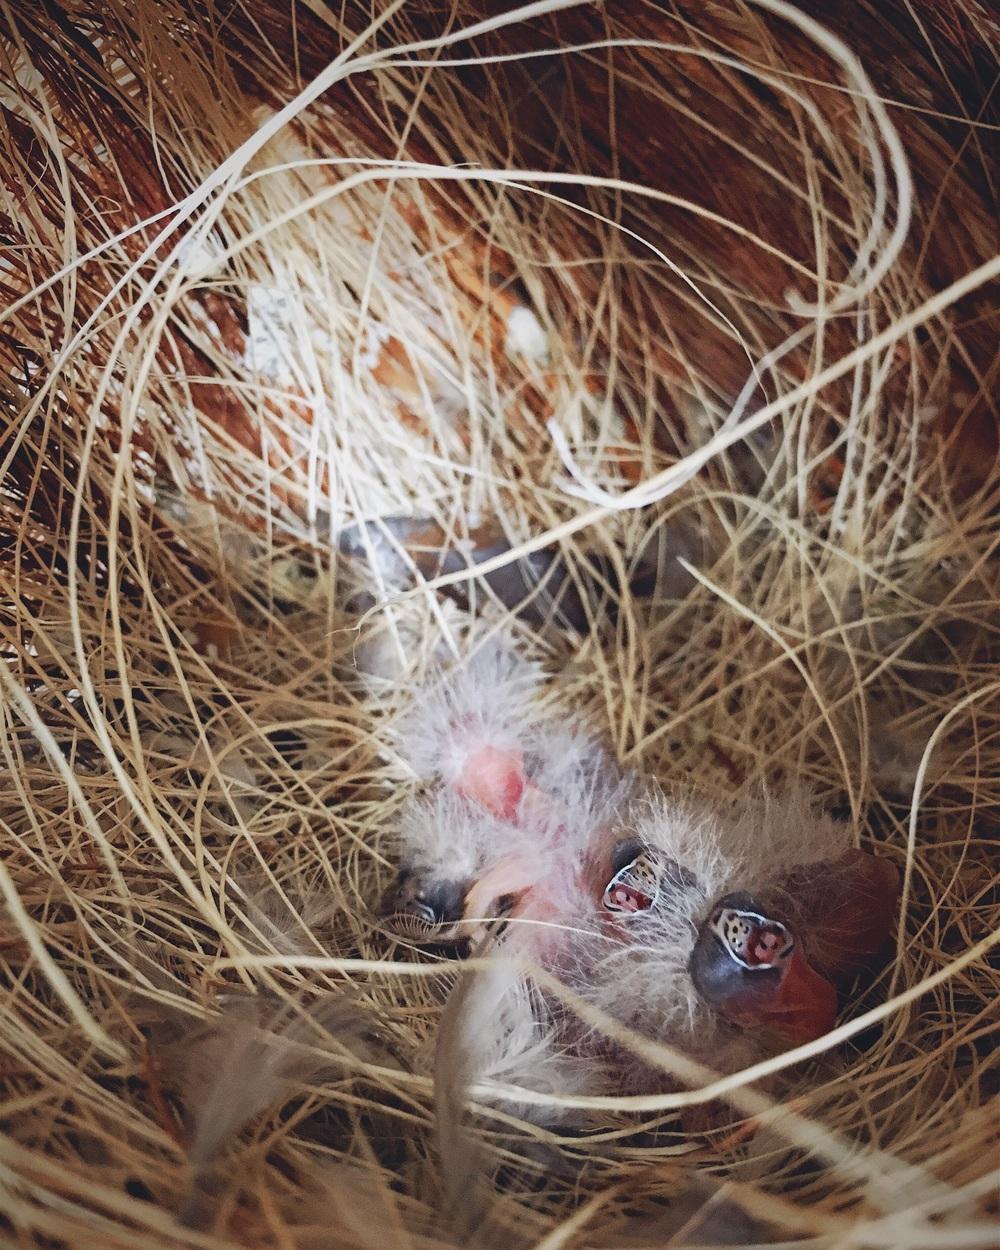 Deze pasgeboren Zebravinkjes bedelen om eten. Ik kon snel een foto nemen voor ik het nestje terughing en de ouders ze gingen voederen.